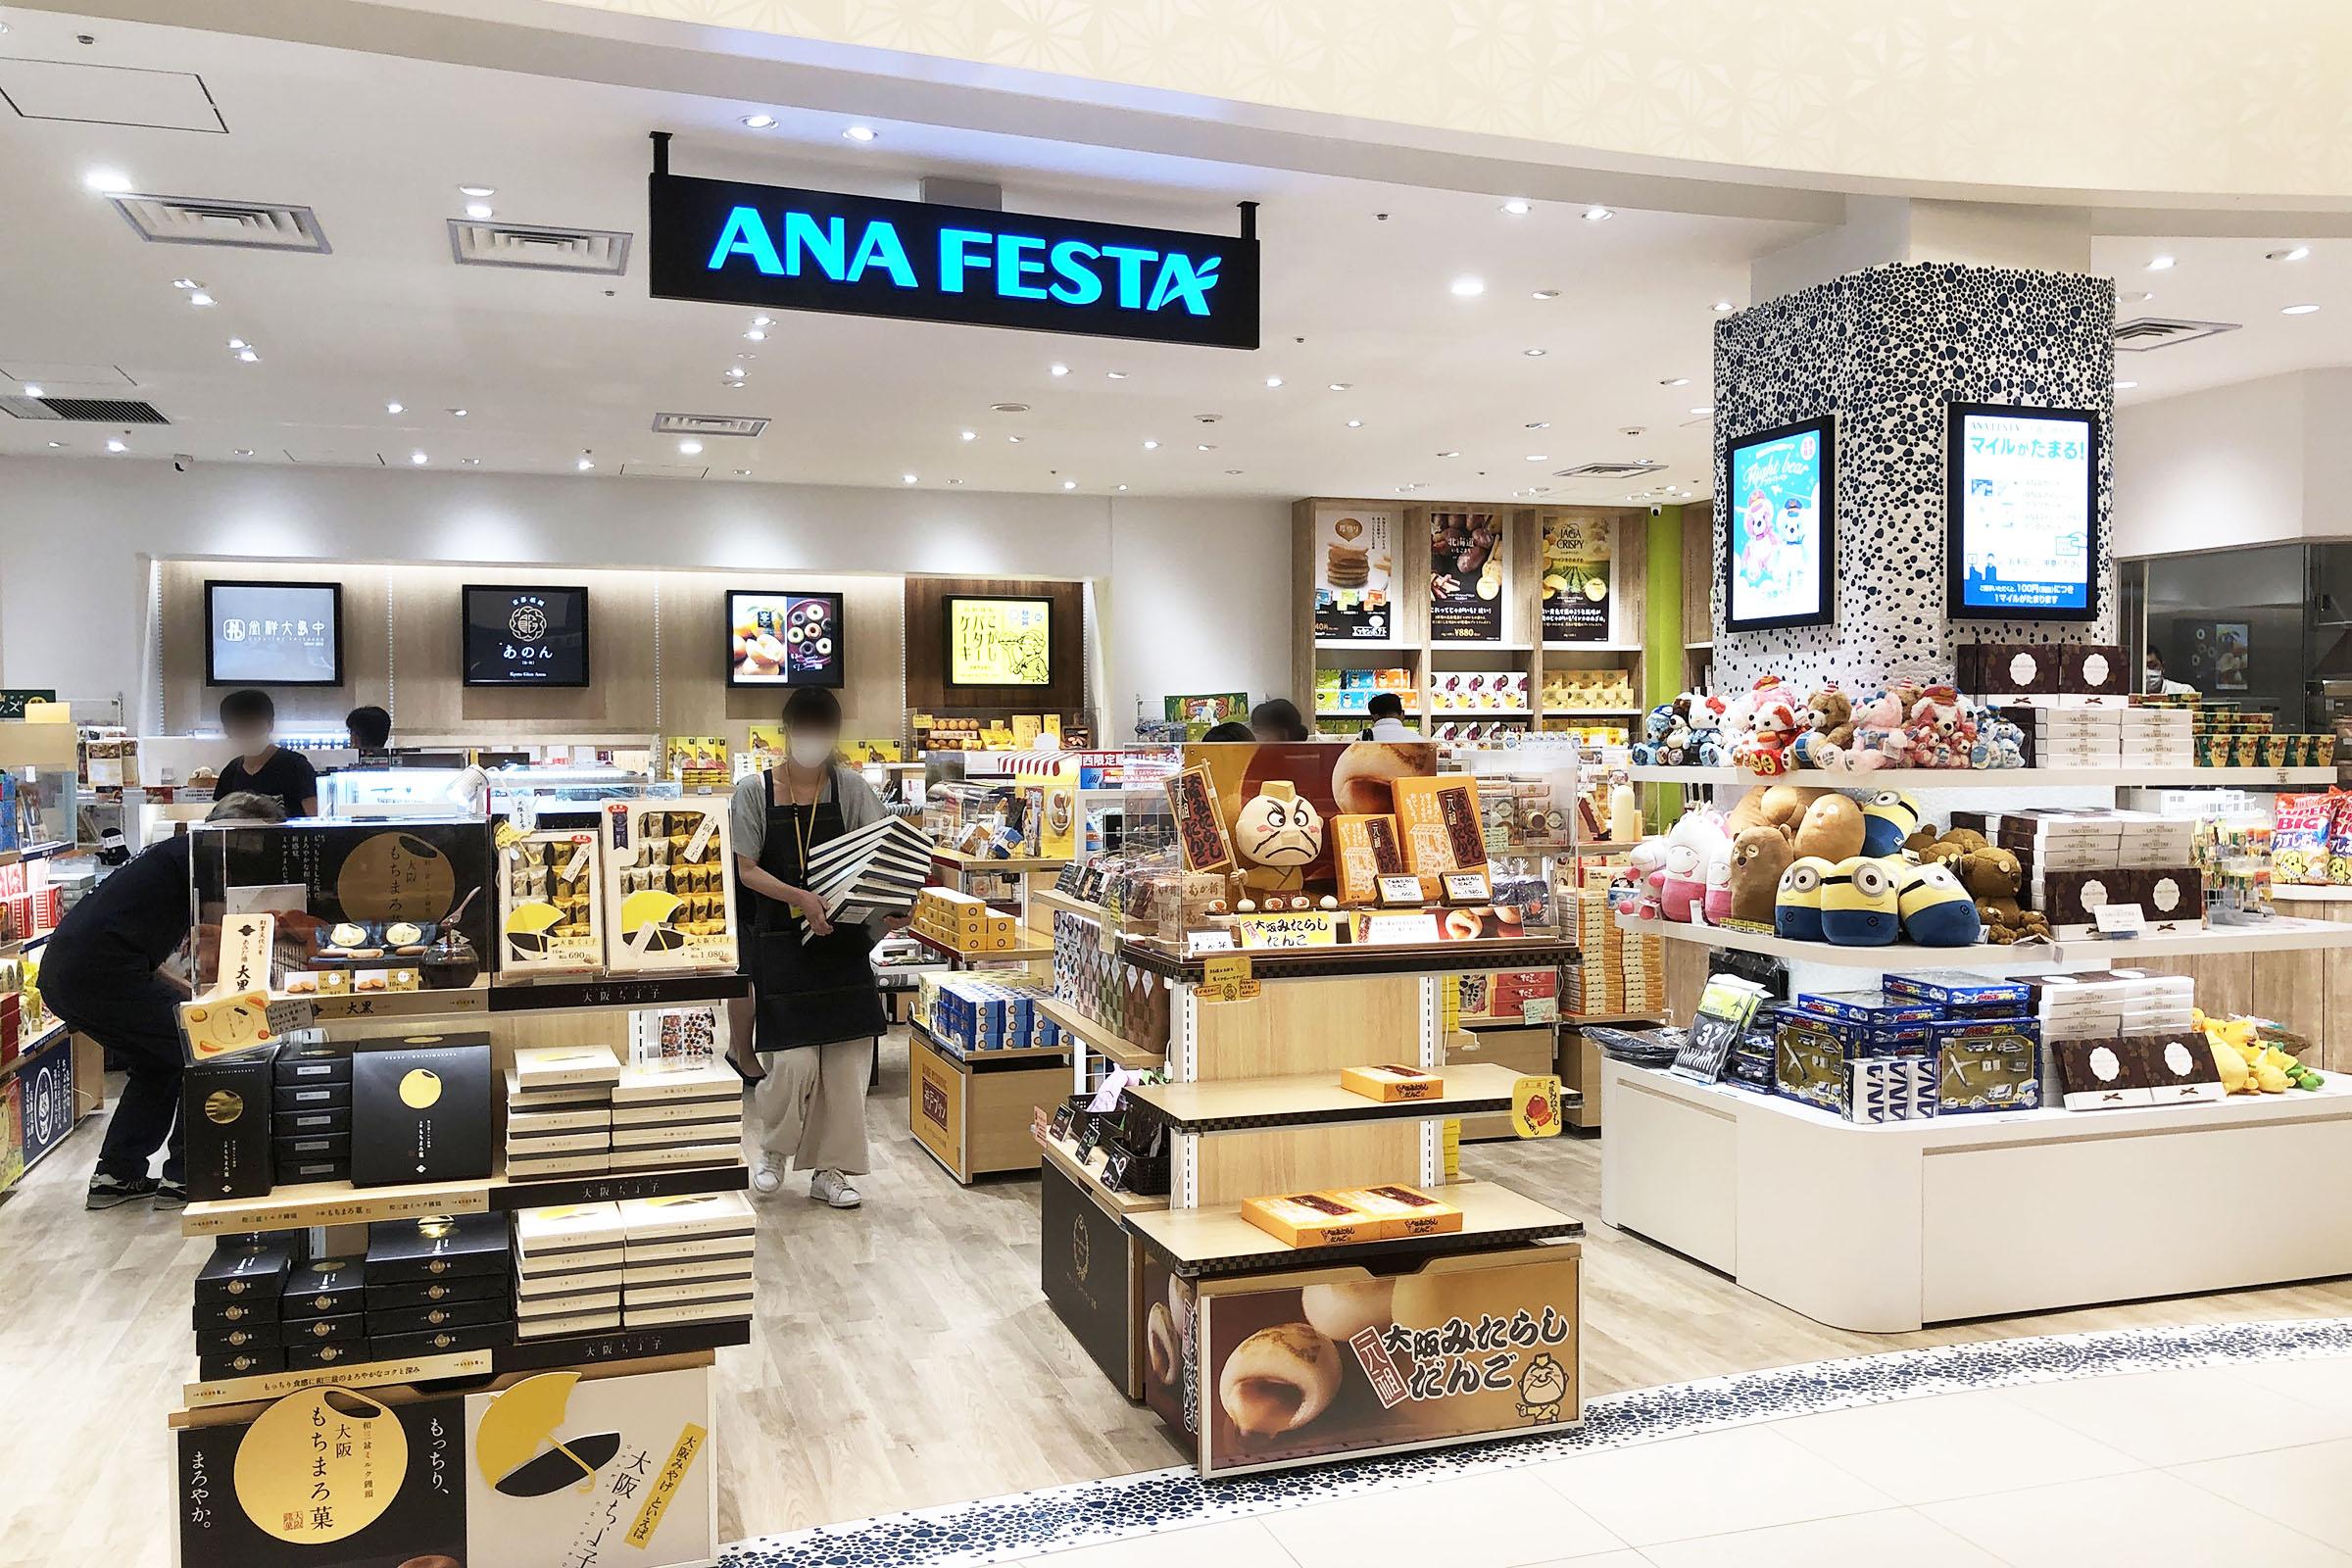 伊丹空港 ANA FESTA|2020.9〜11 LE PINEAU(ル・ピノー)様(大阪市西区)